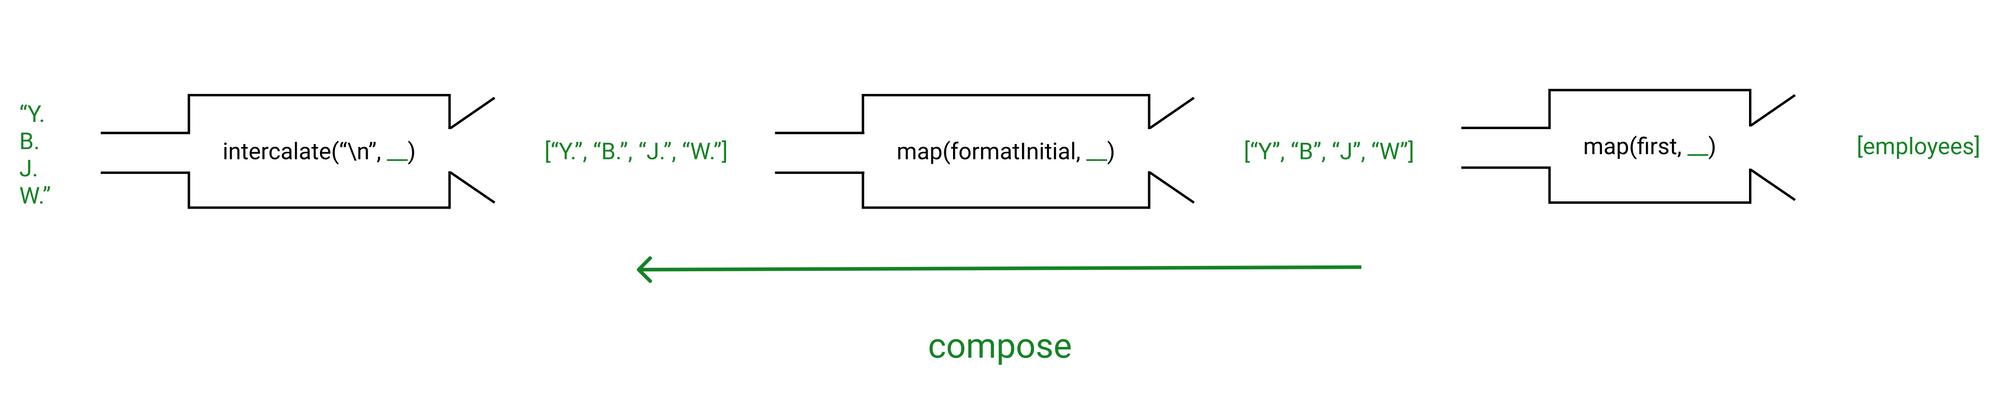 compose pipeline